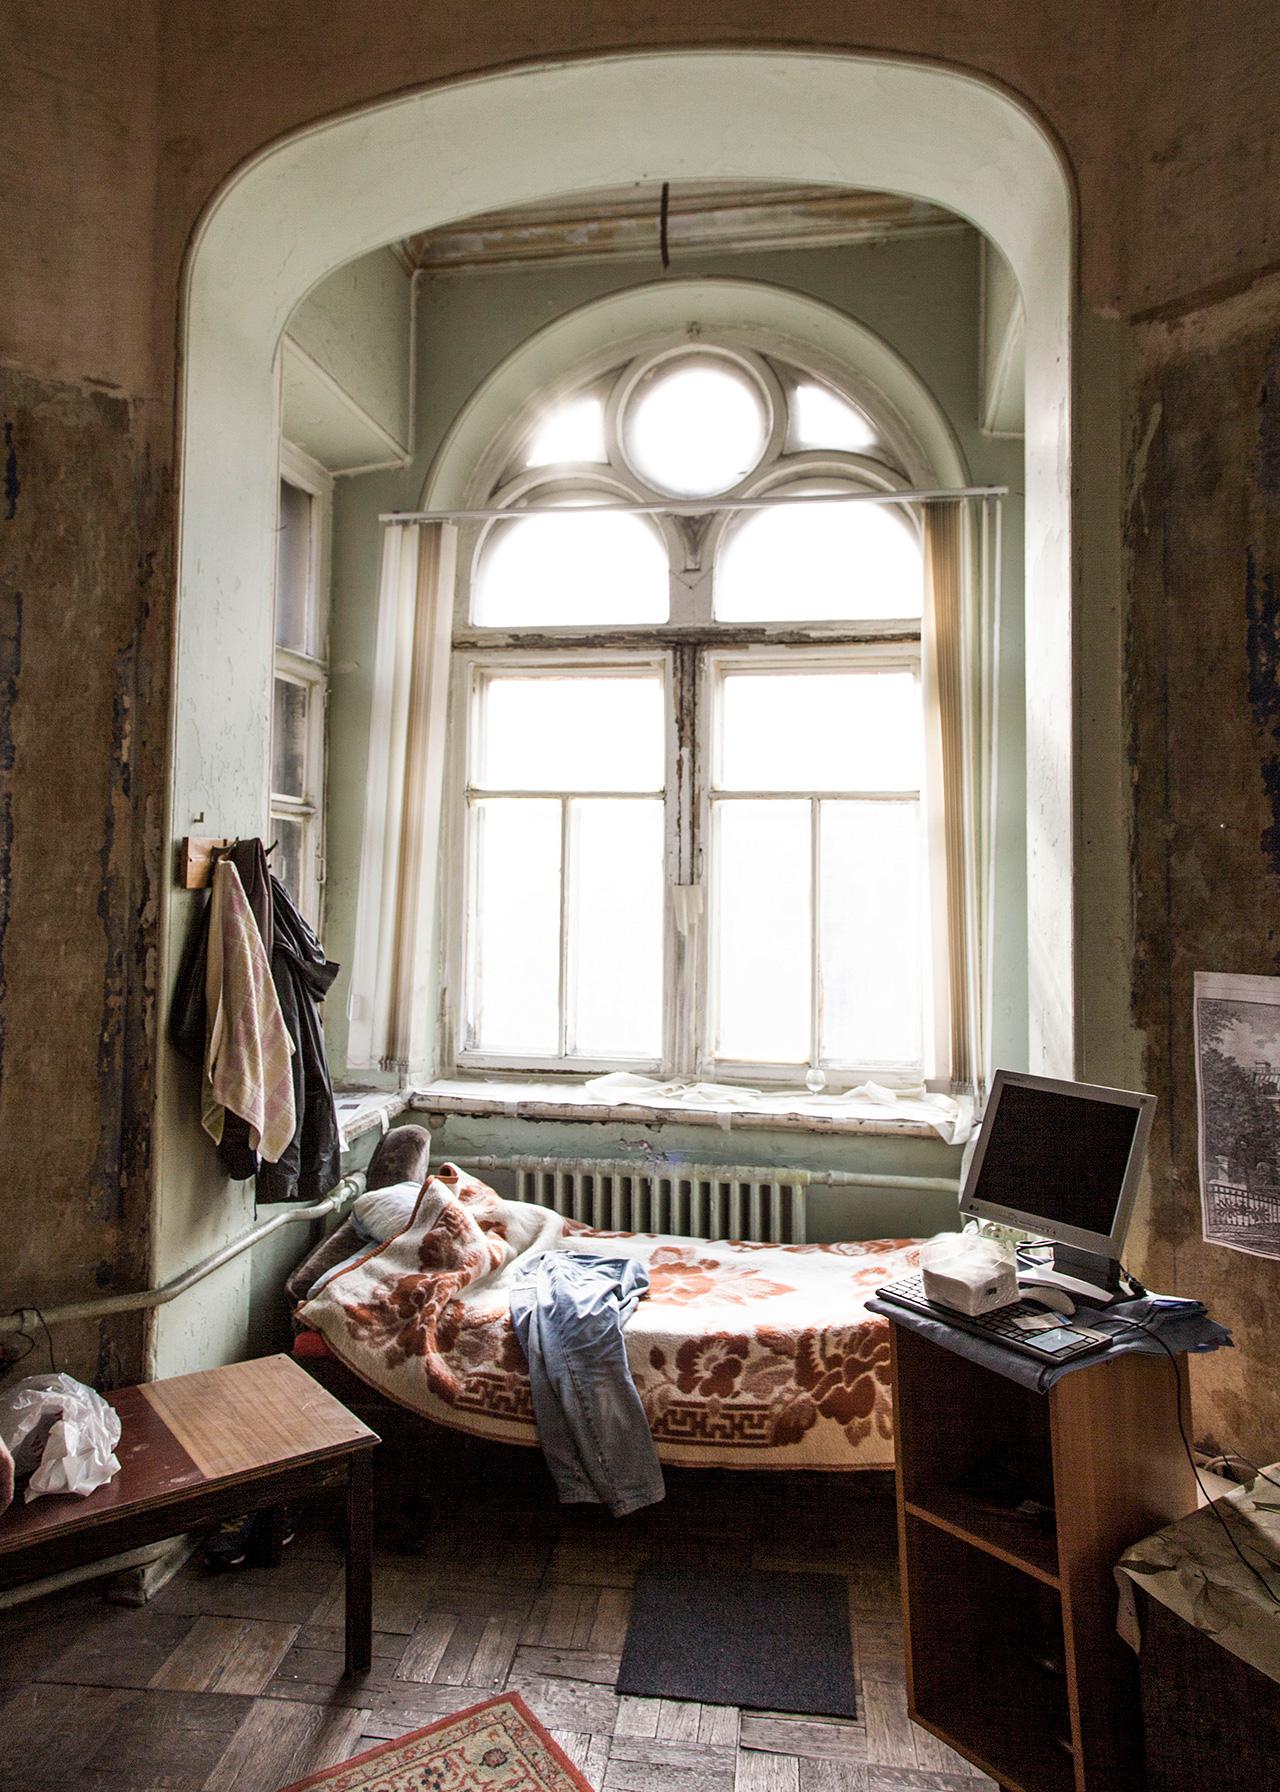 Gli interni delle kommunalke sono quelli che meglio conservano la struttura originale dei palazzi antichi, poiché al giorno d'oggi i residenti di questi appartamenti non sono altro che in attesa di una nuova sistemazione e per questo non ristrutturano gli ambienti